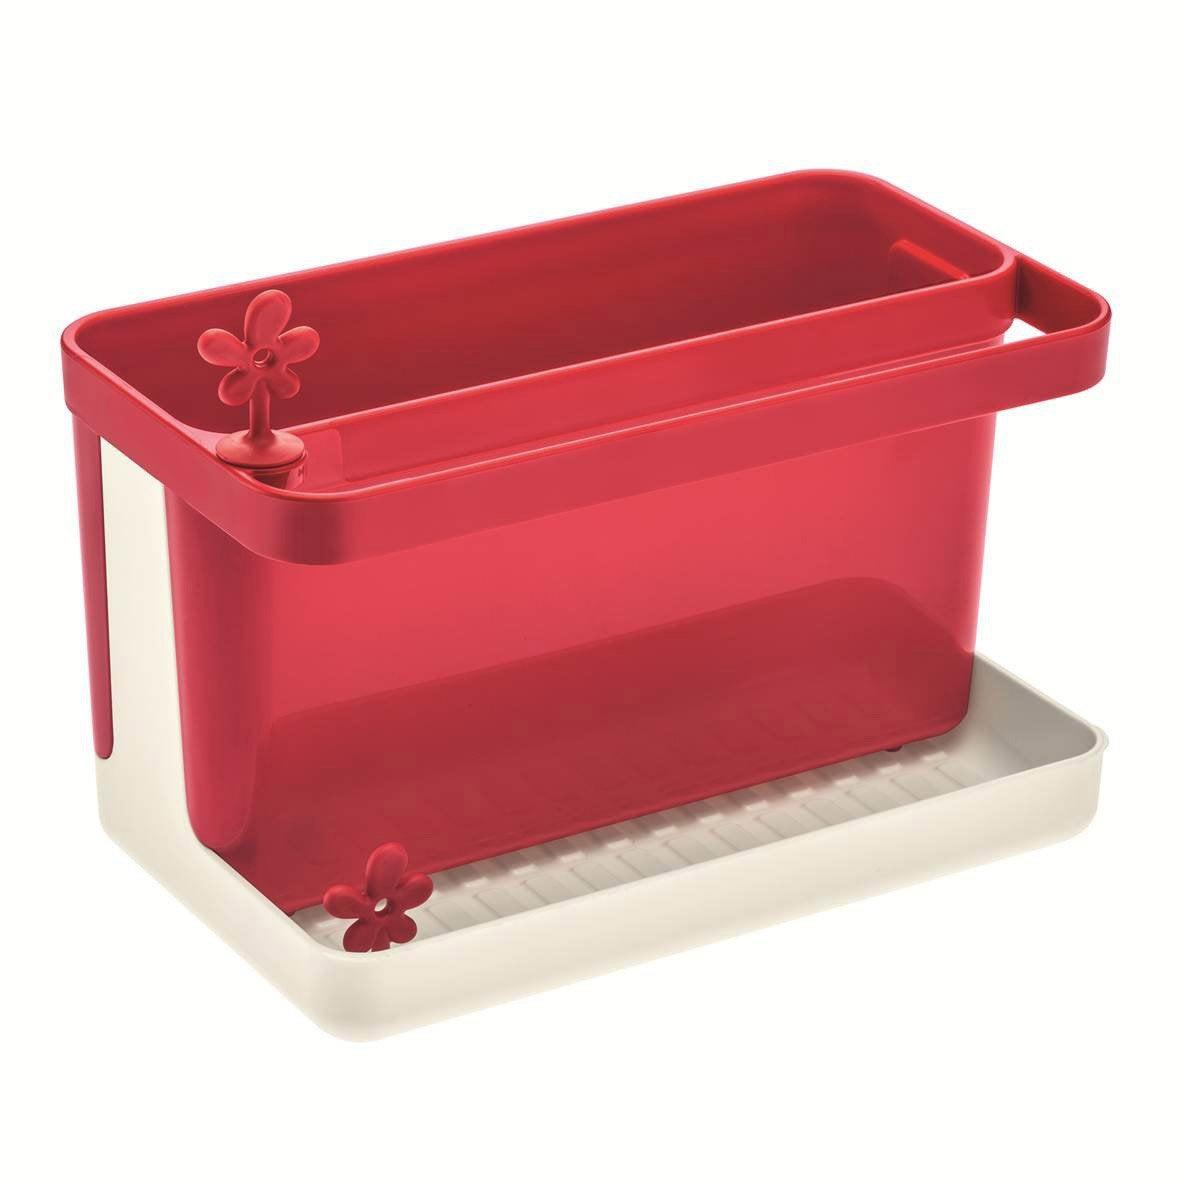 Bac rangement vier plastique rouge rouge n 3 leroy merlin for Bac plastique poisson rouge